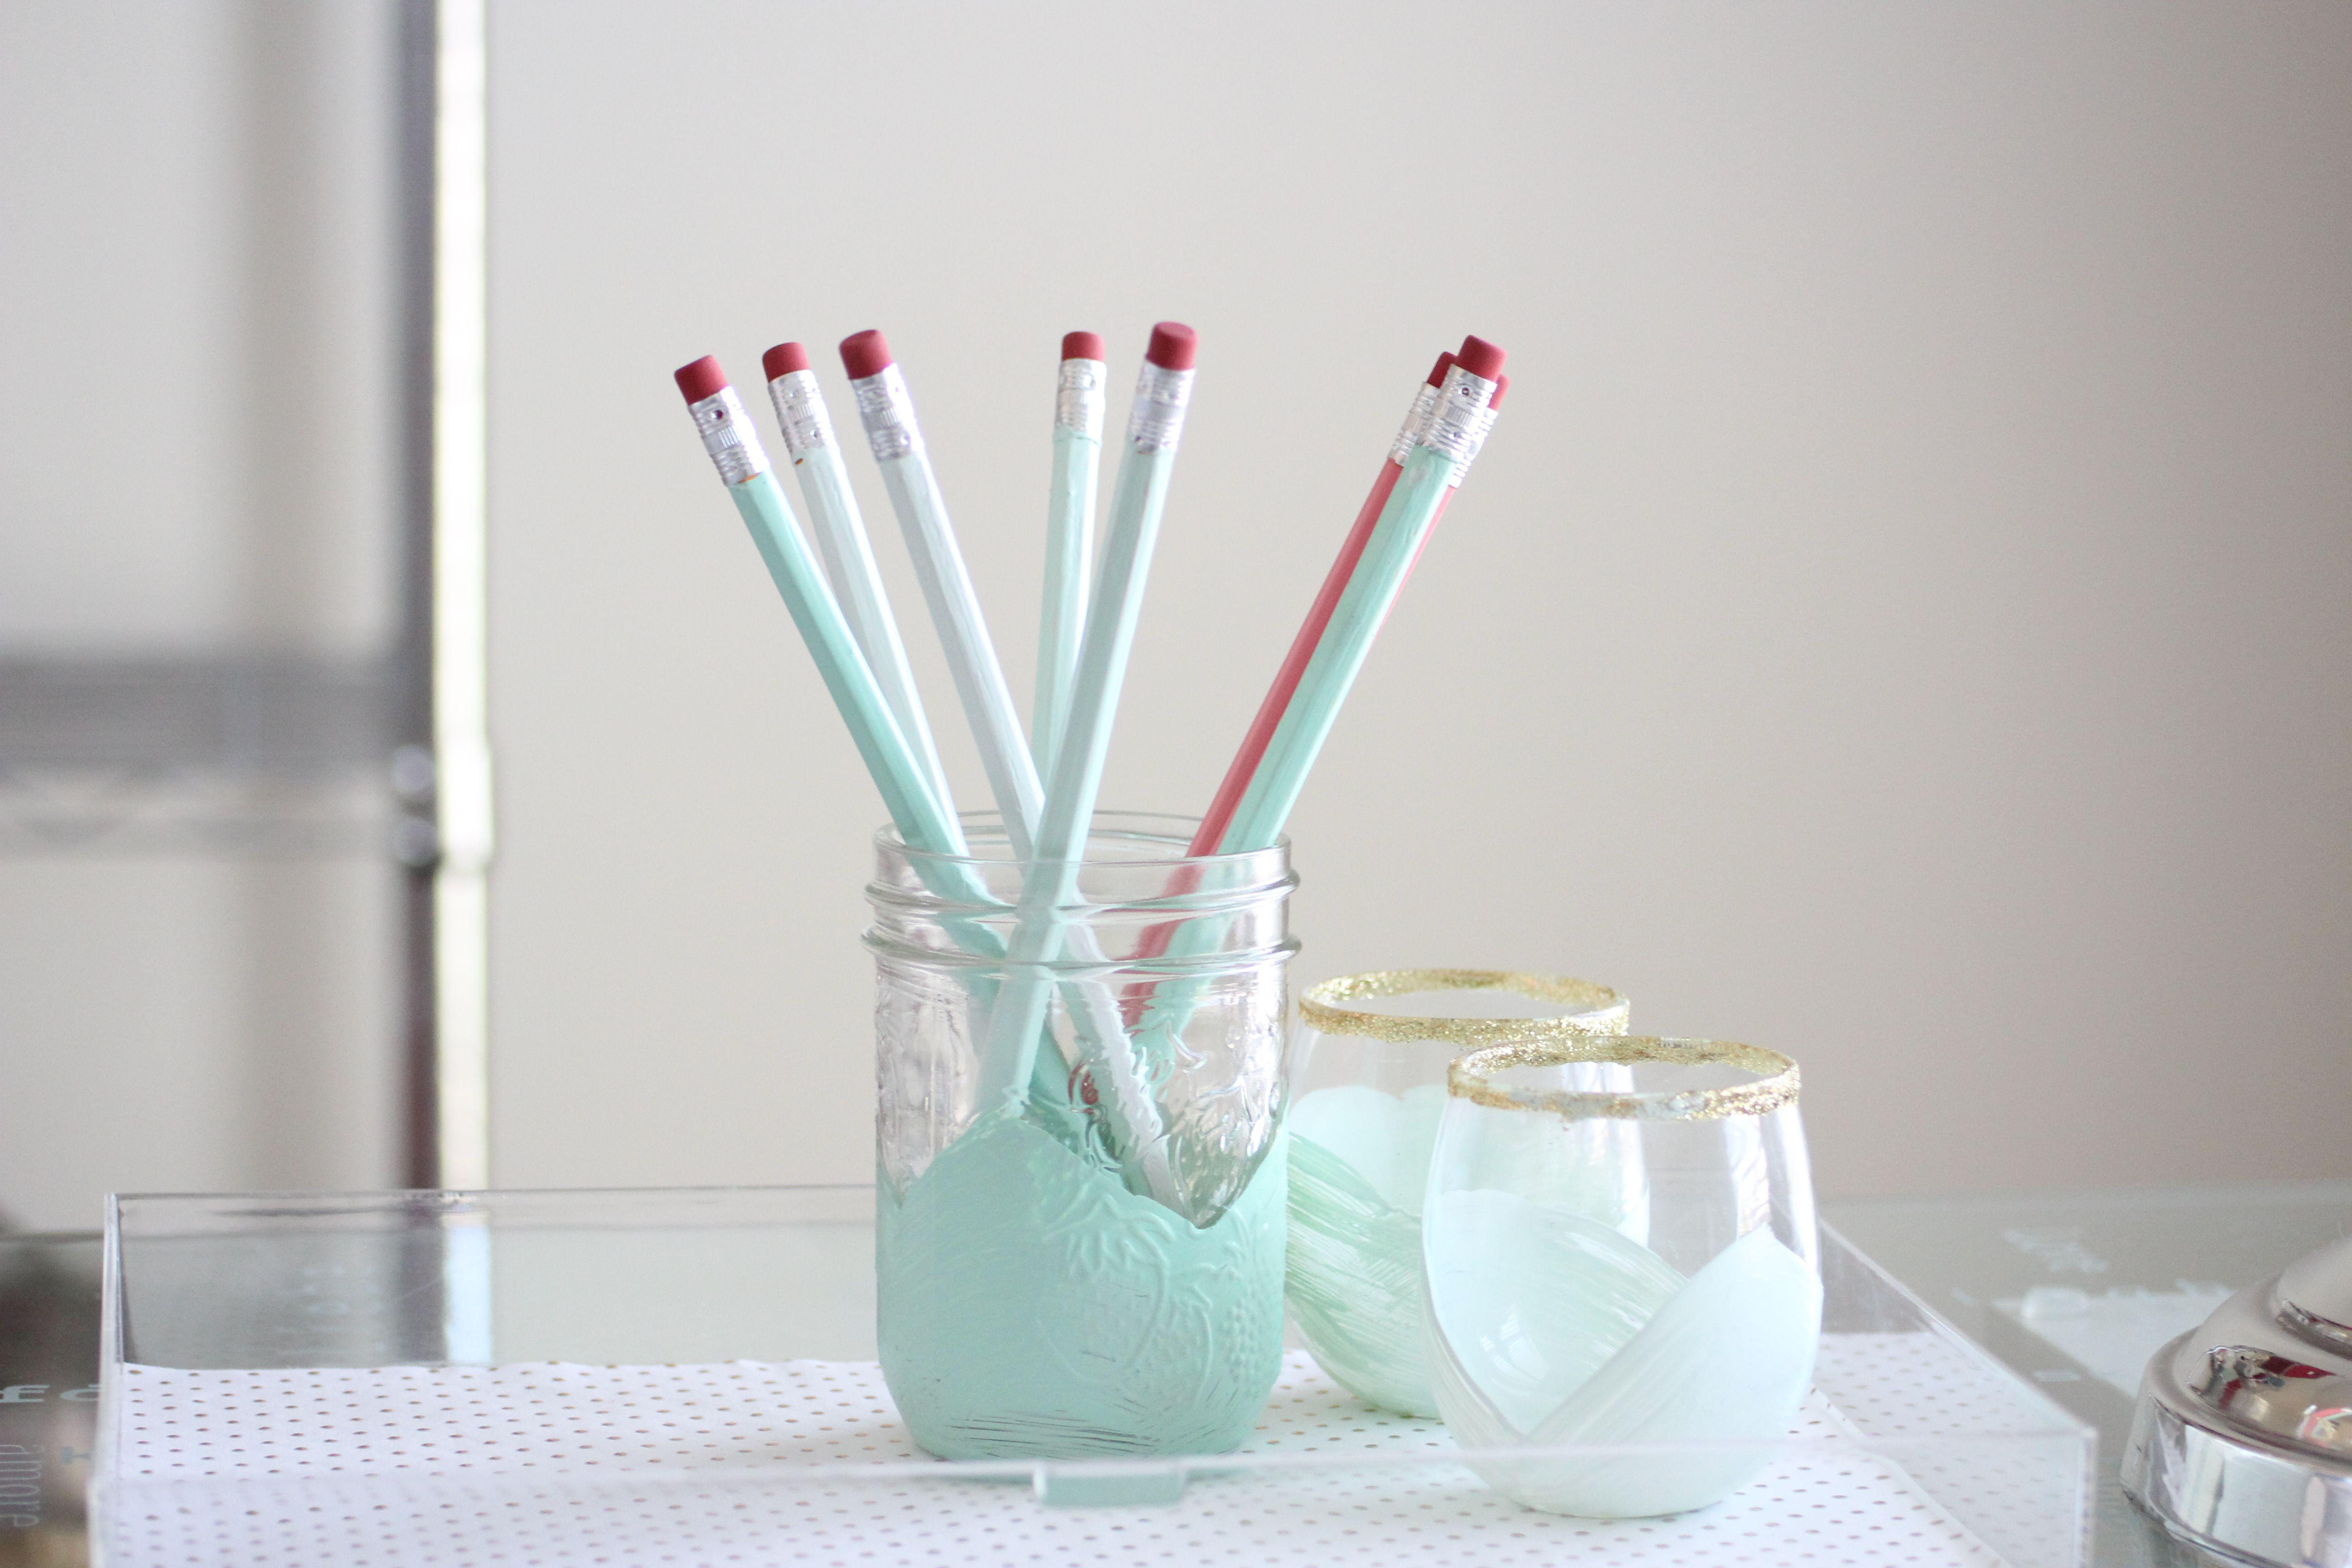 DIY Painted Holders & DIY Pencils